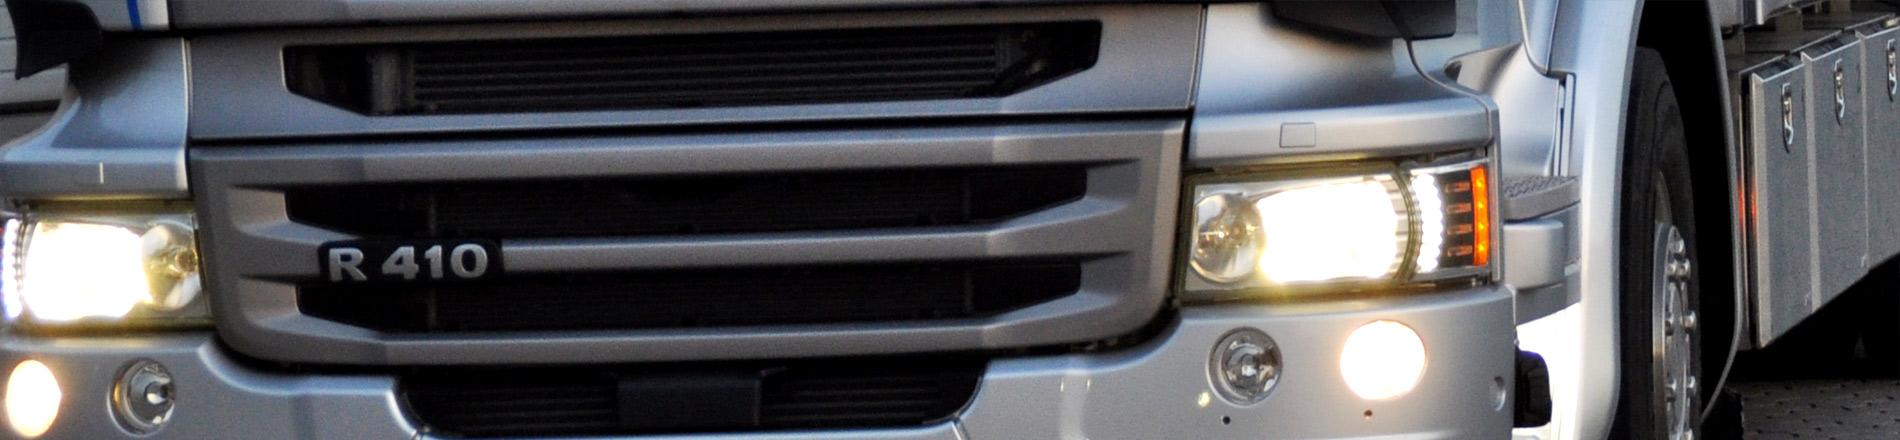 Glanz Fahrzeugaufbereitung Bergkamen | LKW, Wohnmobile